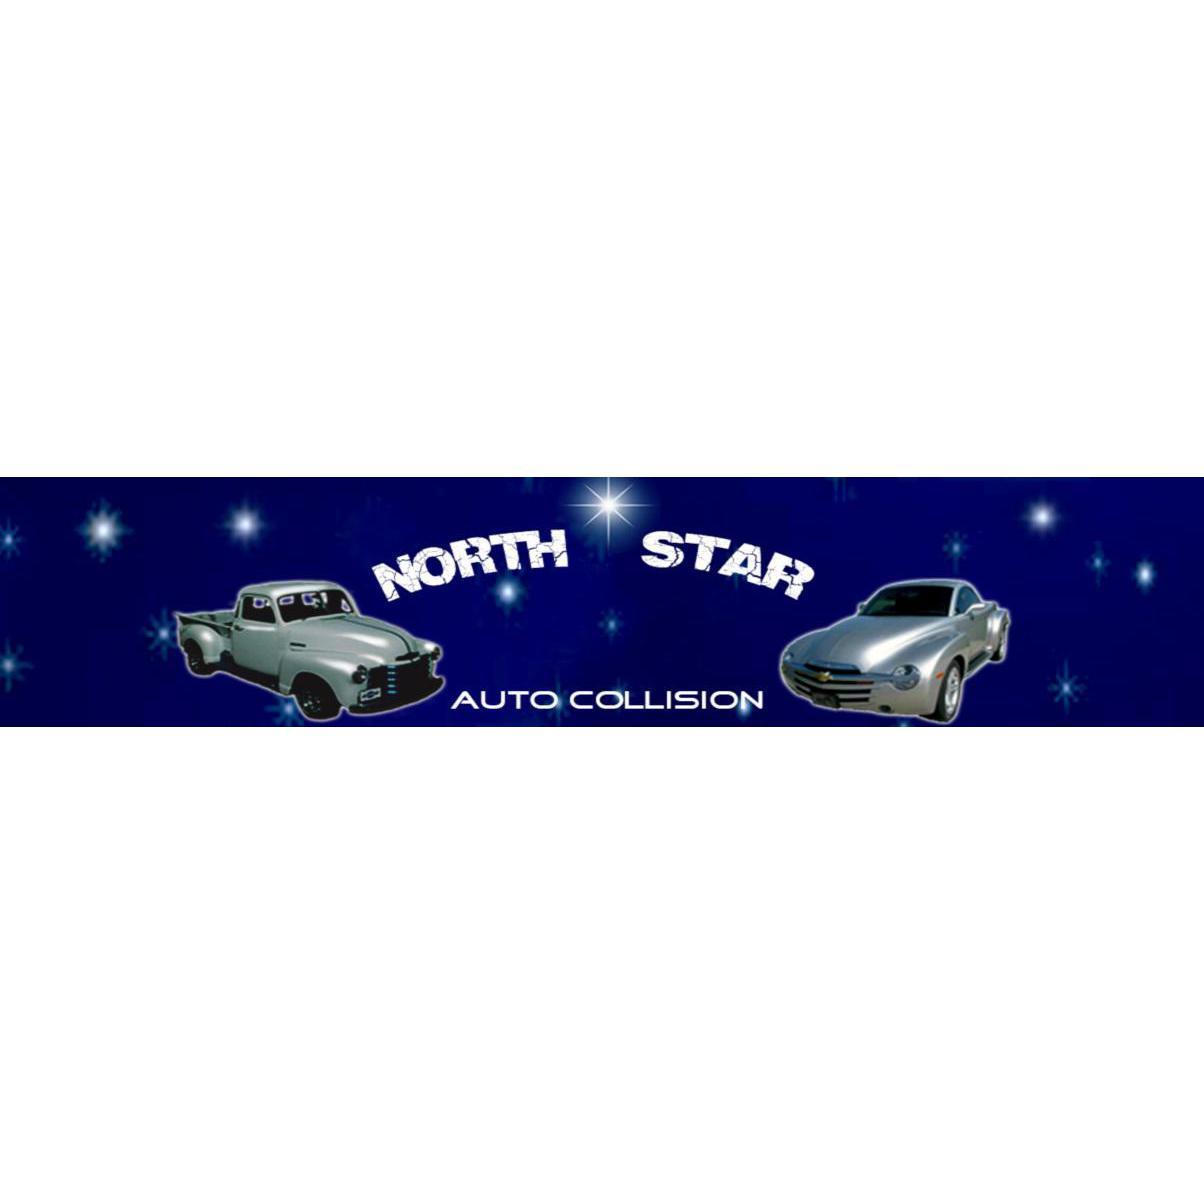 NORTH STAR AUTO COLLISION INC